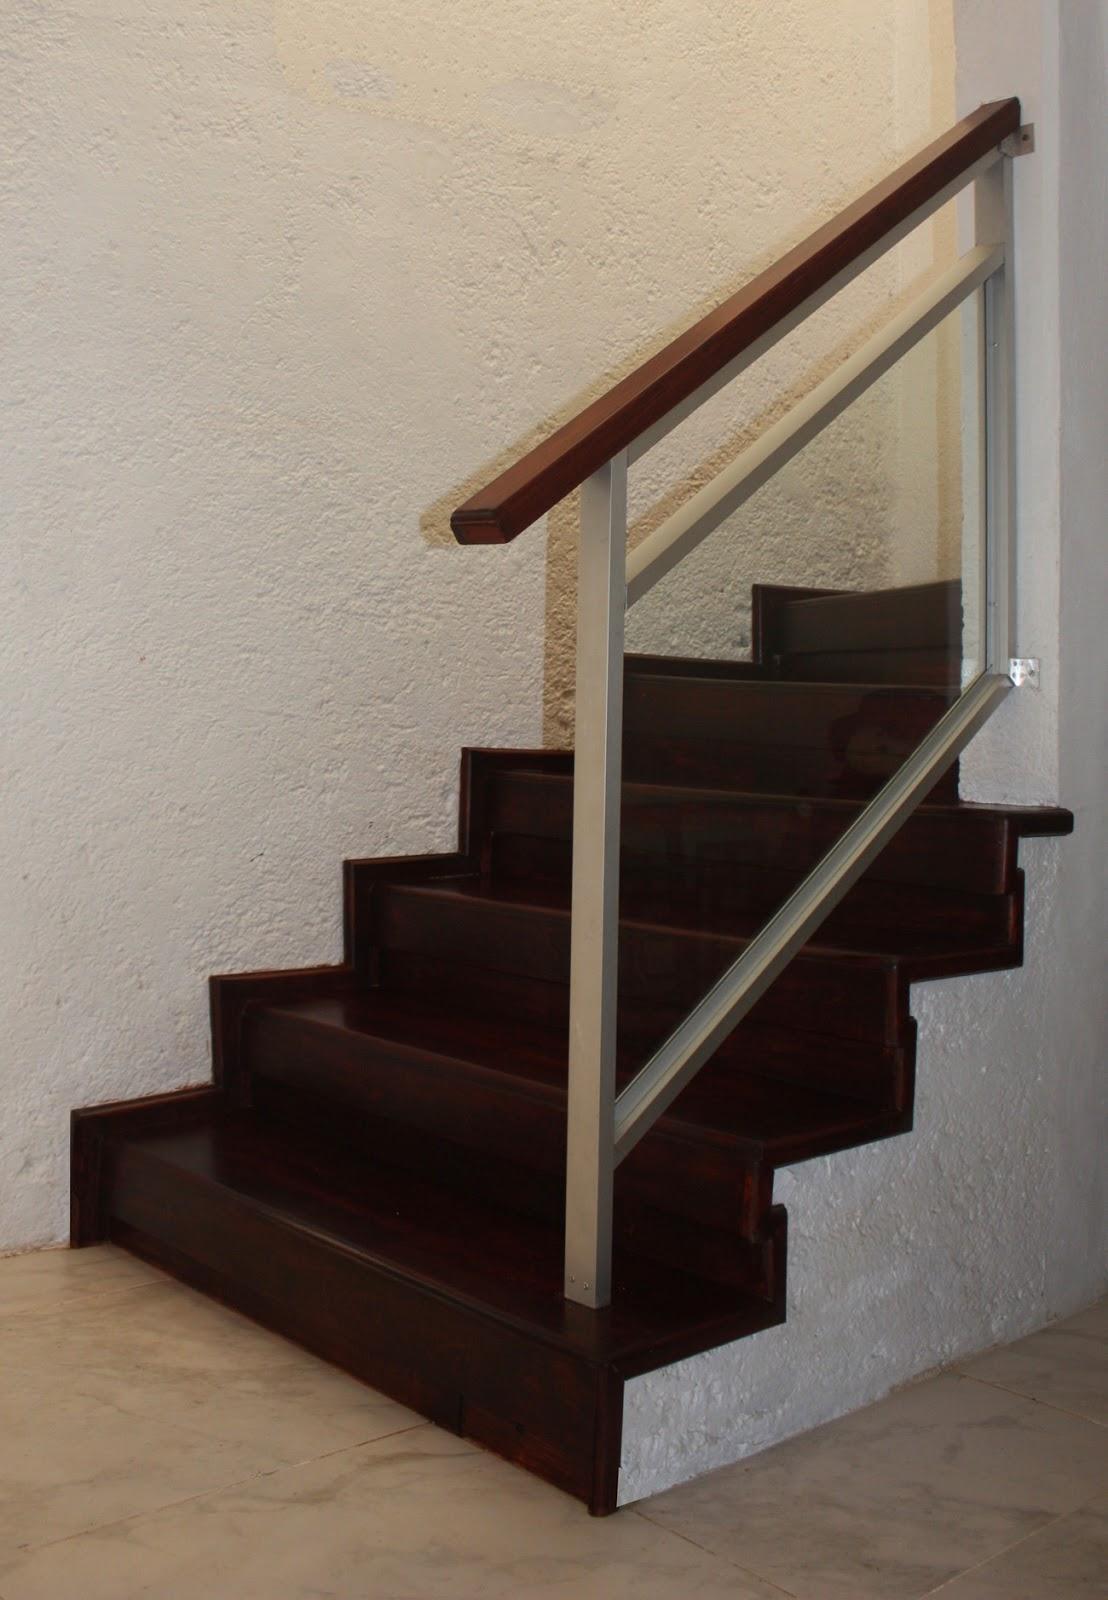 Barandales de aluminio con cristal templado y escaleras for Escaleras de aluminio para interiores